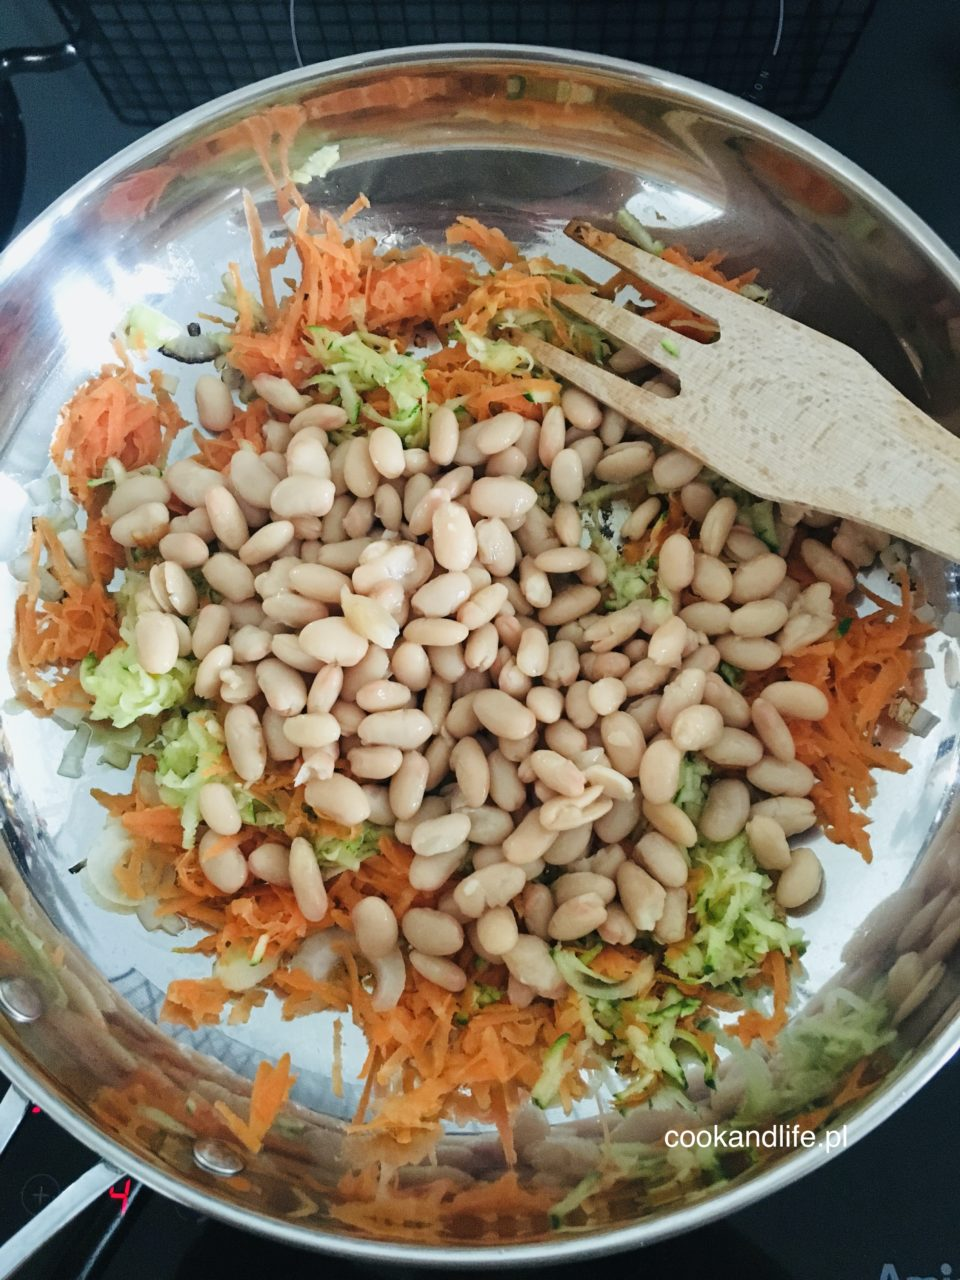 Burgery z fasoli i warzyw, czyli kotlety bez mięsa  - przepis